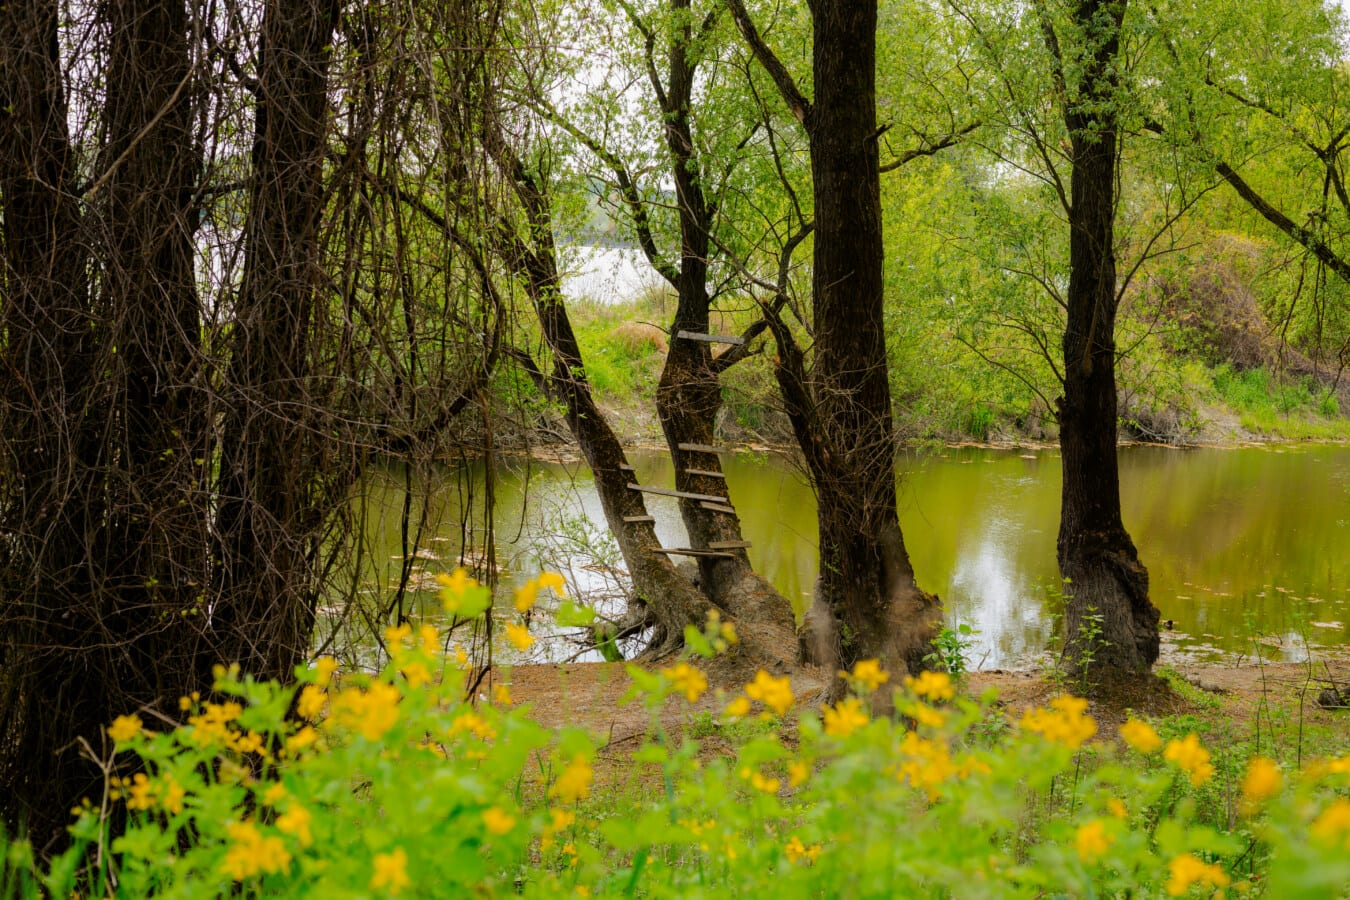 Bäume, Flussufer, Wald, Gras, Struktur, Herbst, Holz, Natur, Birke, Park